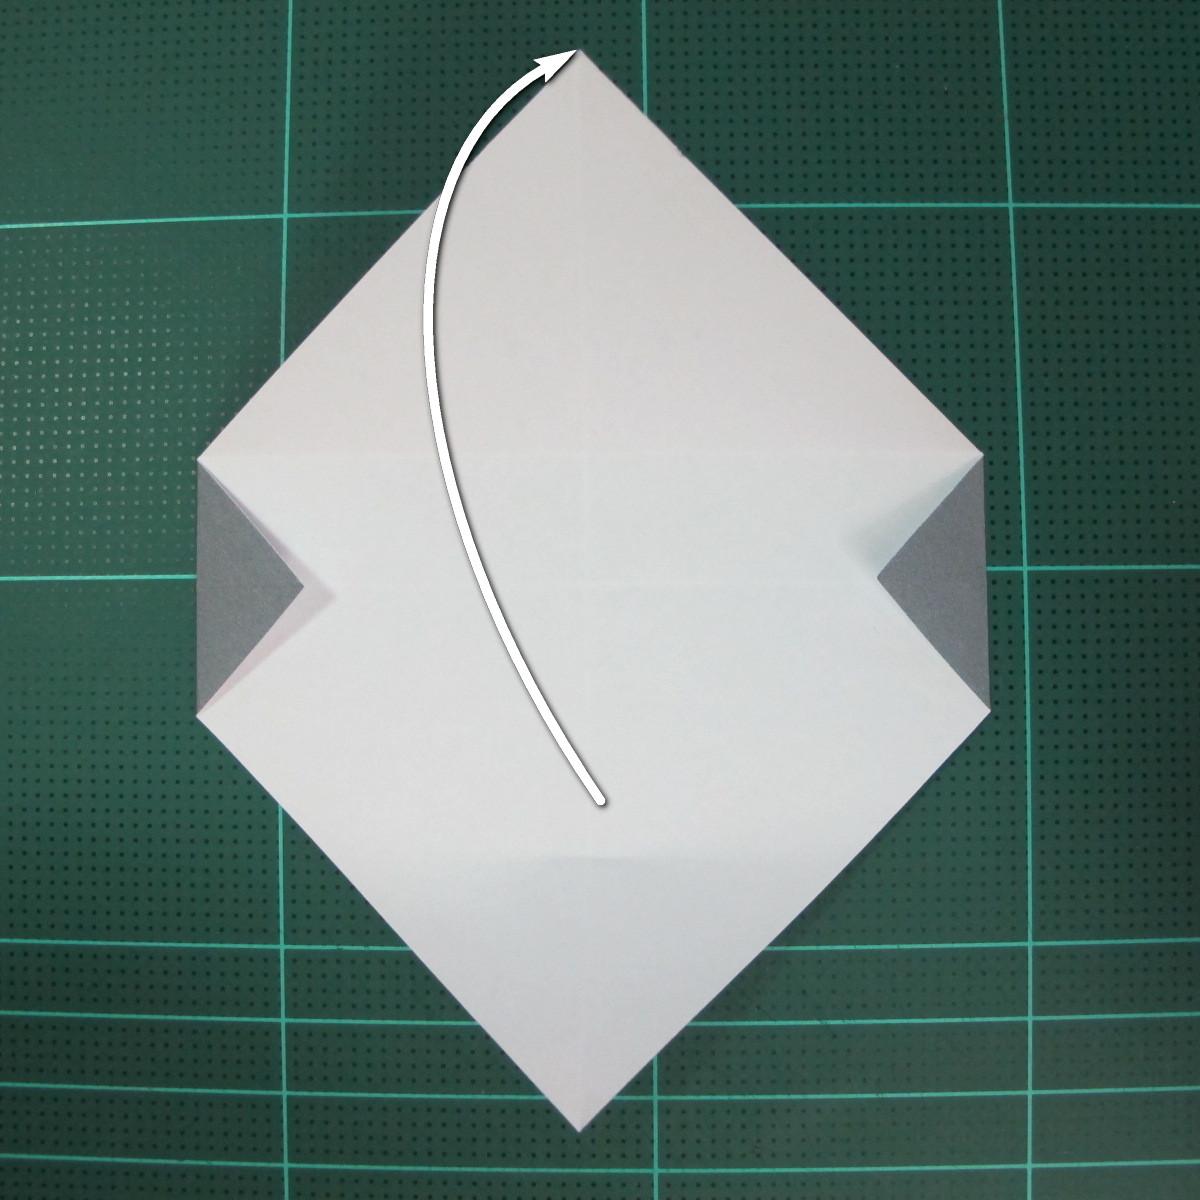 วิธีพับกล่องของขวัญแบบโมดูล่า (Modular Origami Decorative Box) โดย Tomoko Fuse 010